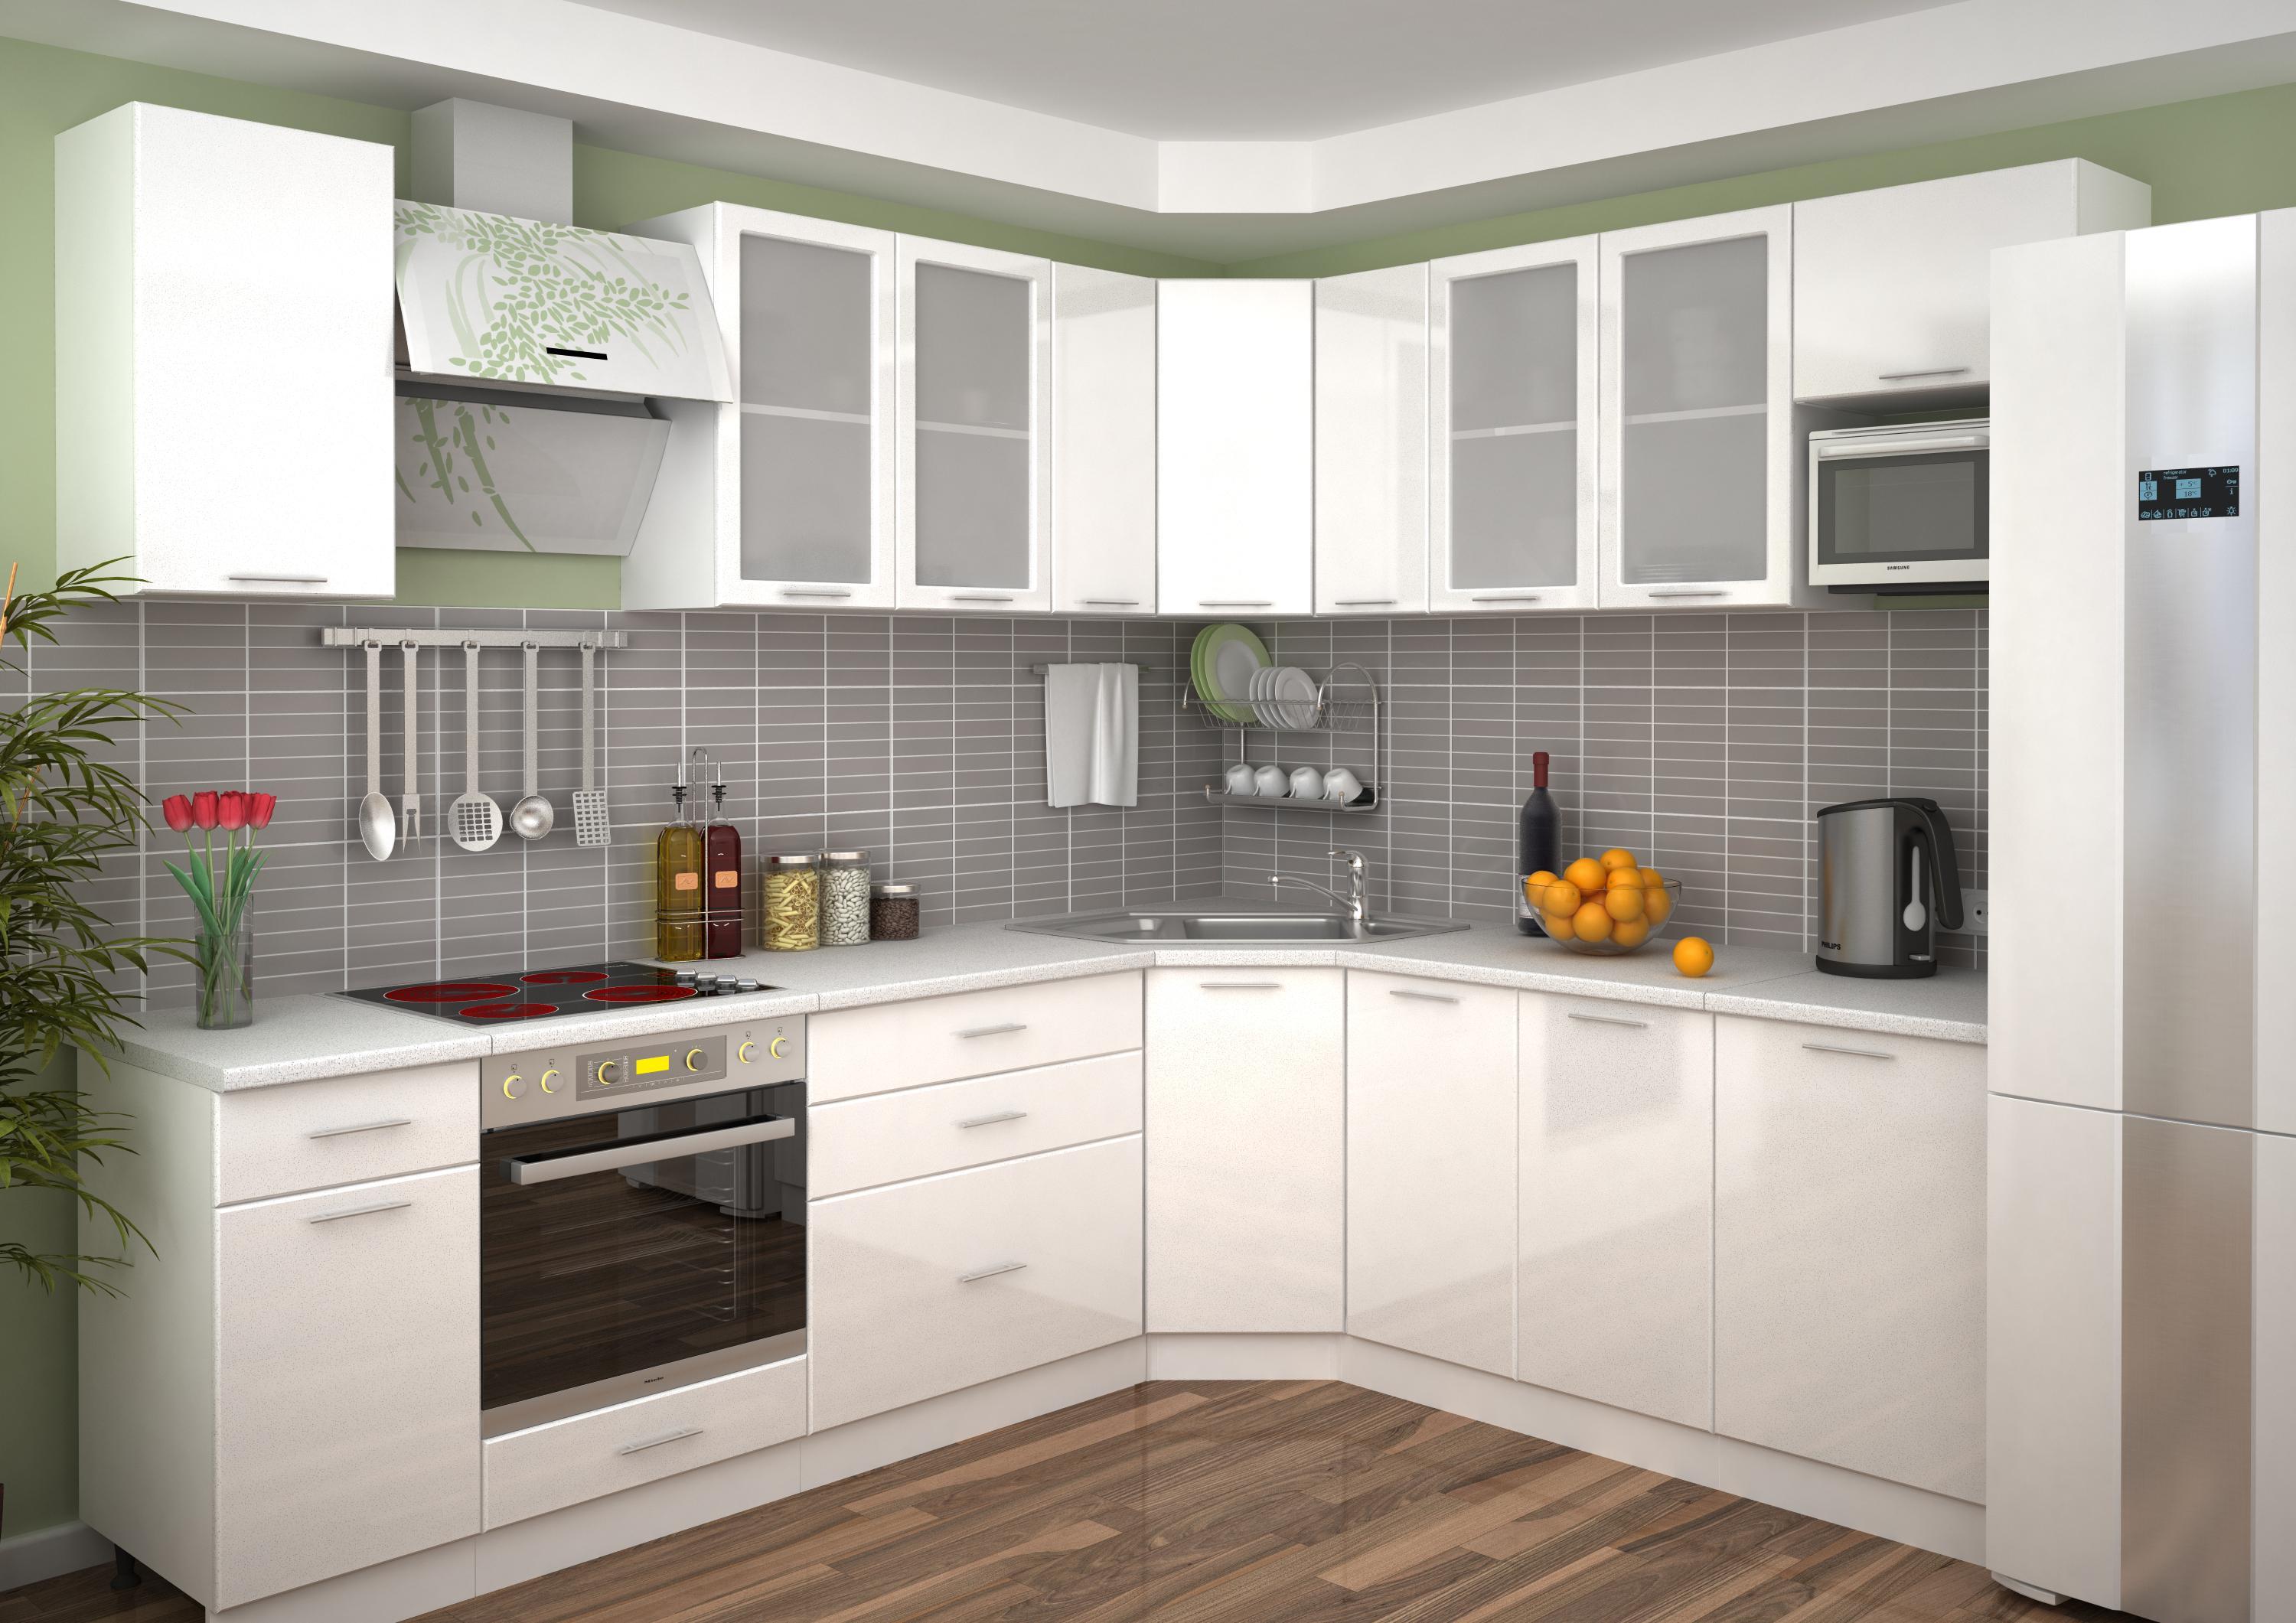 материалы для кухонного гарнитура фото декора